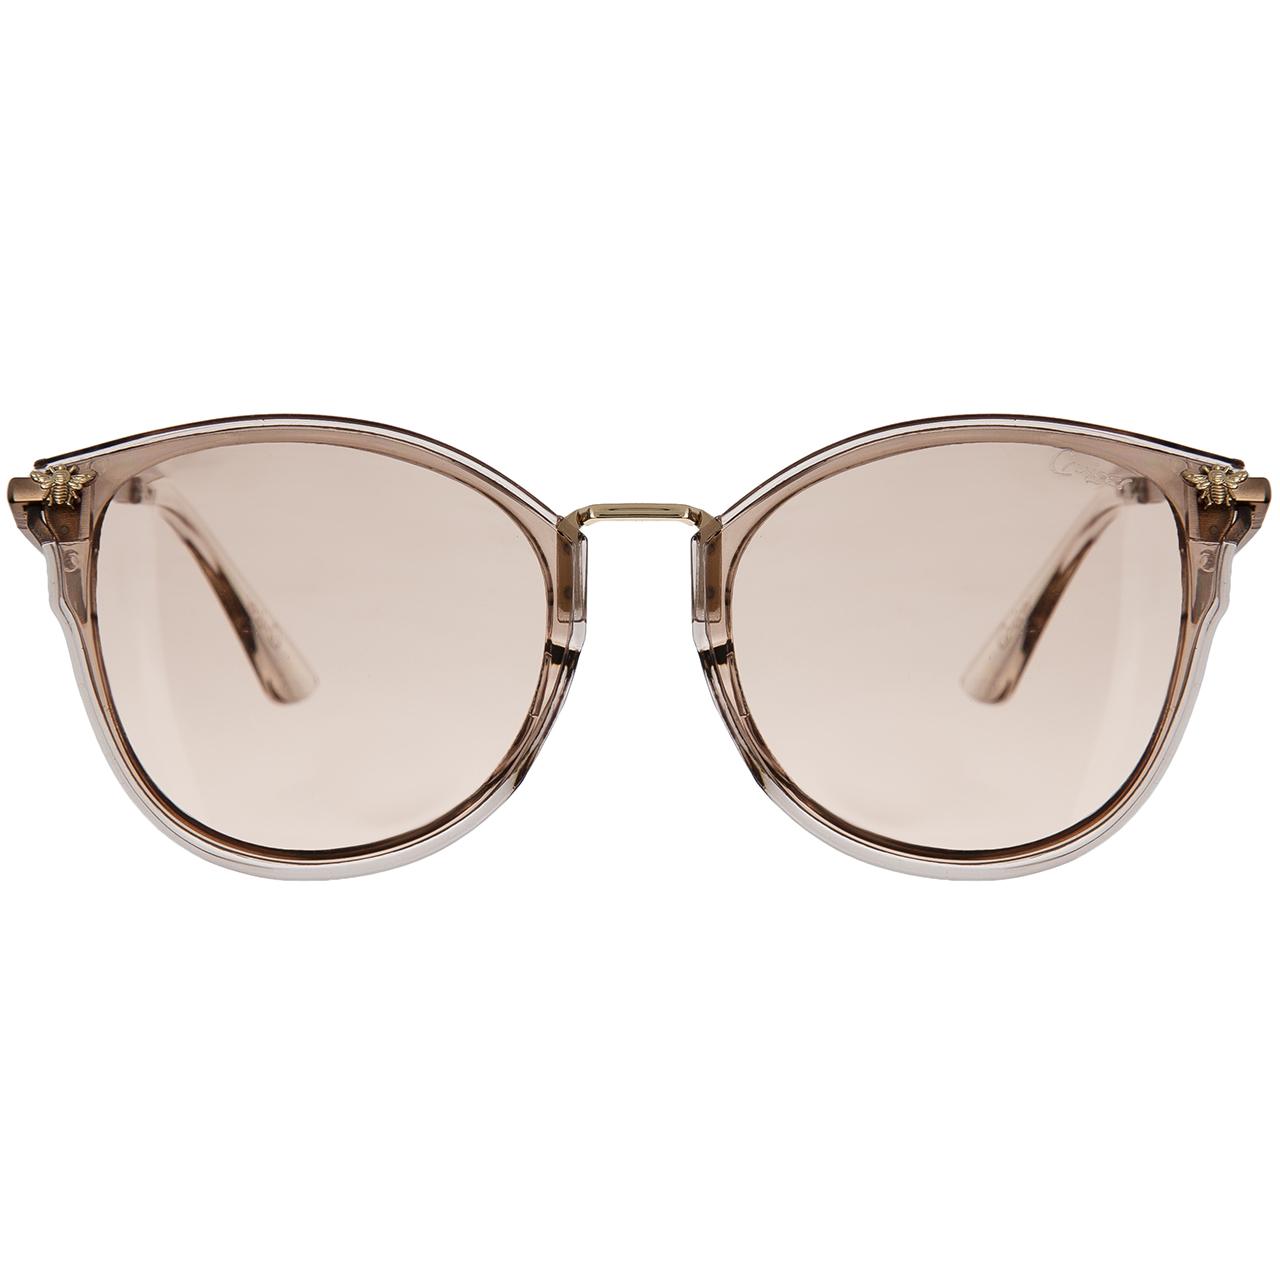 قیمت عینک آفتابی زنانه کروز  مدلL80-141